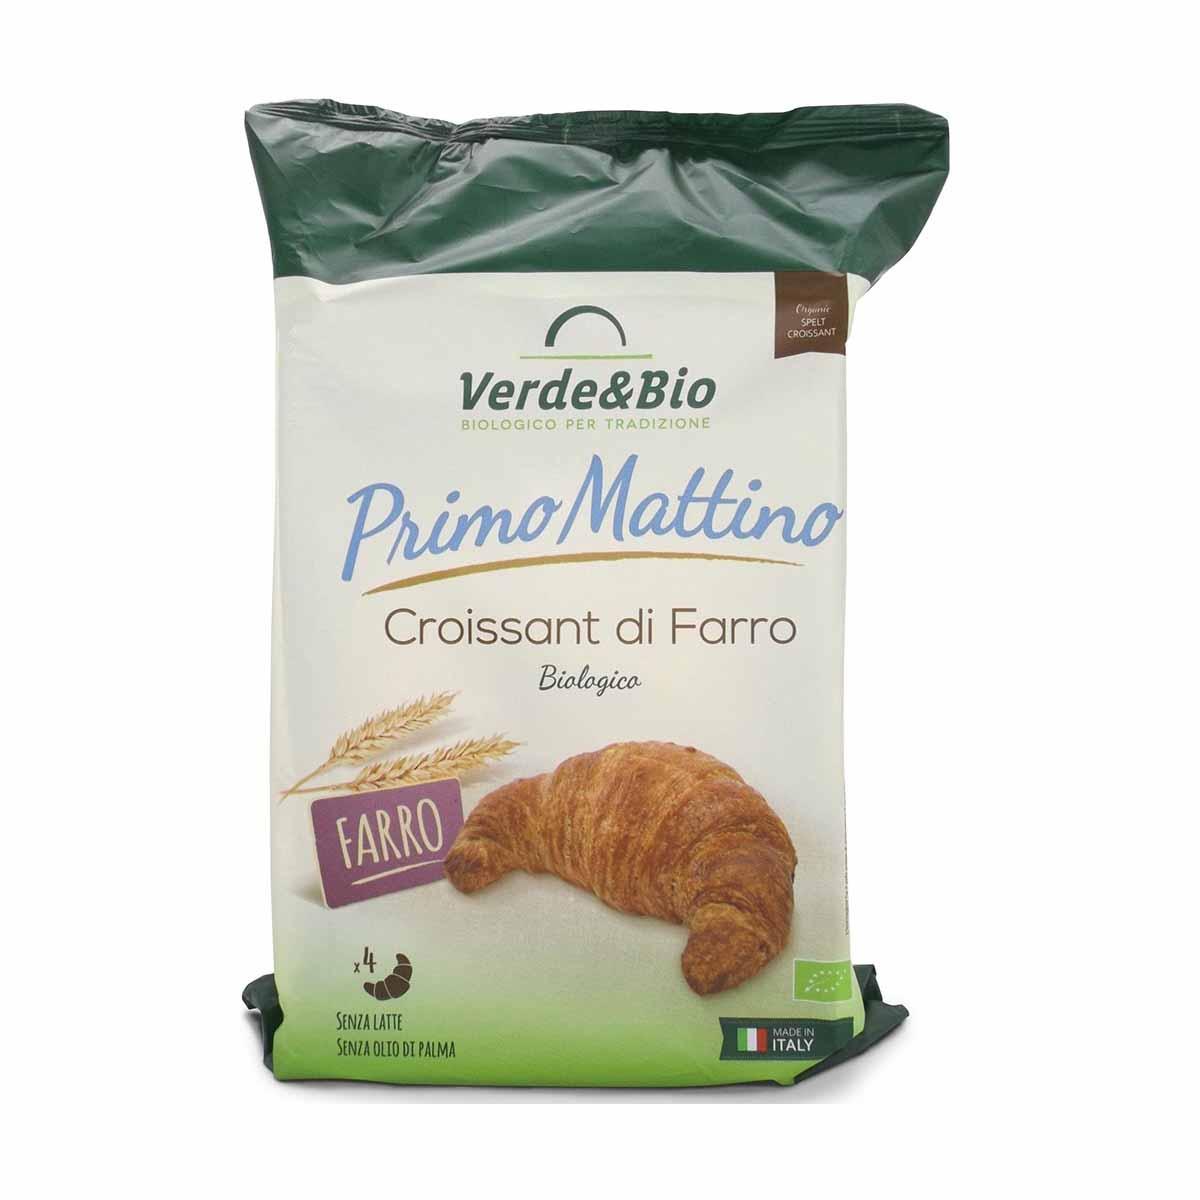 Verde&bio Croissant di farro